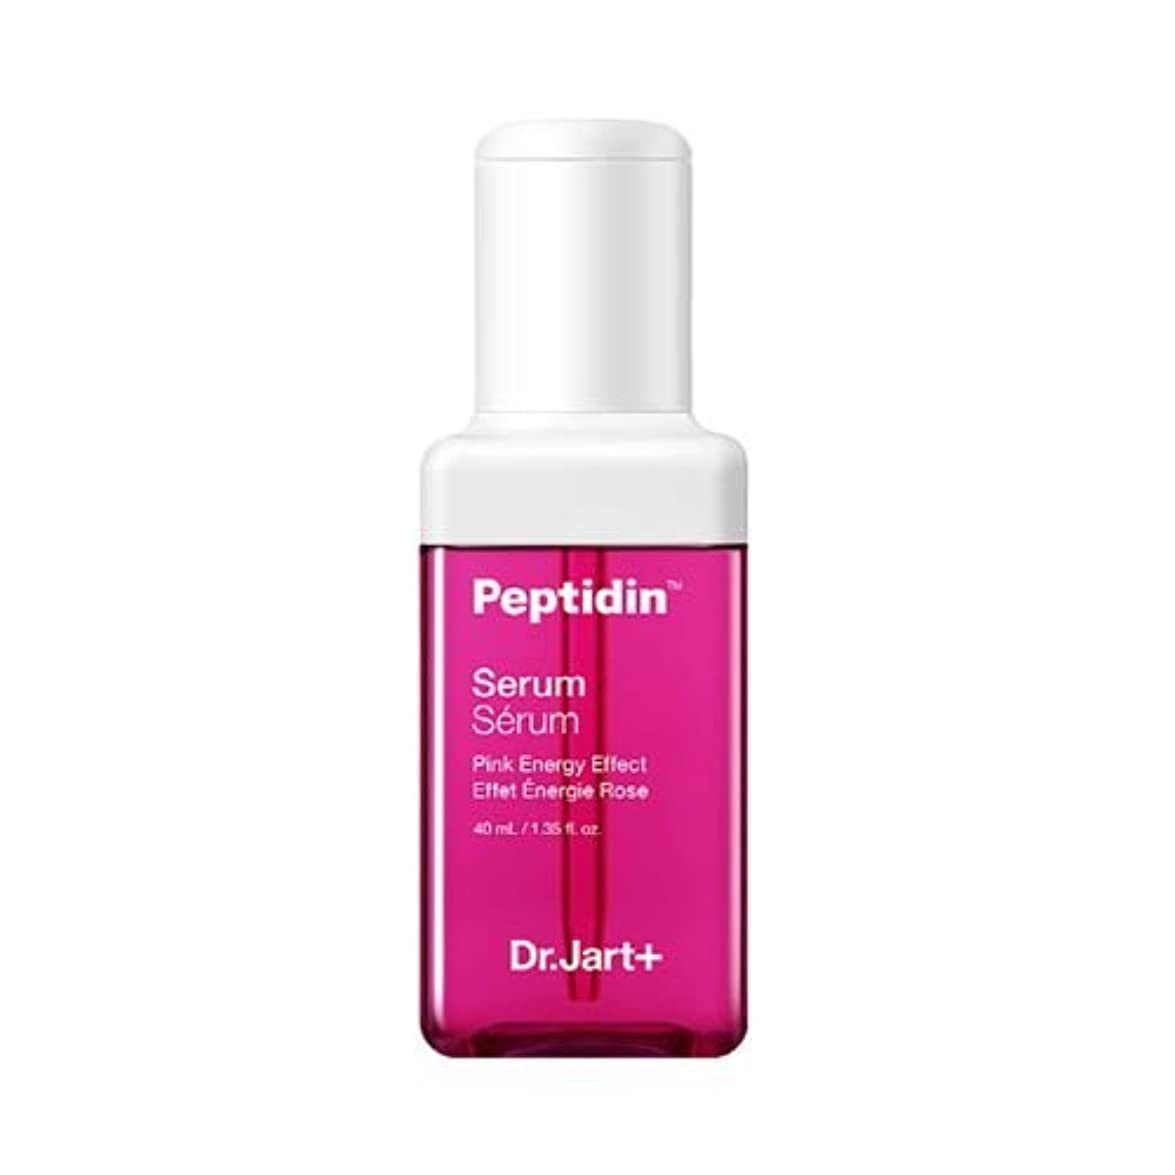 絶滅させる監査チョコレート[DR Jart] Peptidin serum Pink Energy effect ドクタージャルトペプチドディーン セラムピンクエネルギー 40ml[海外直送品] [並行輸入品]